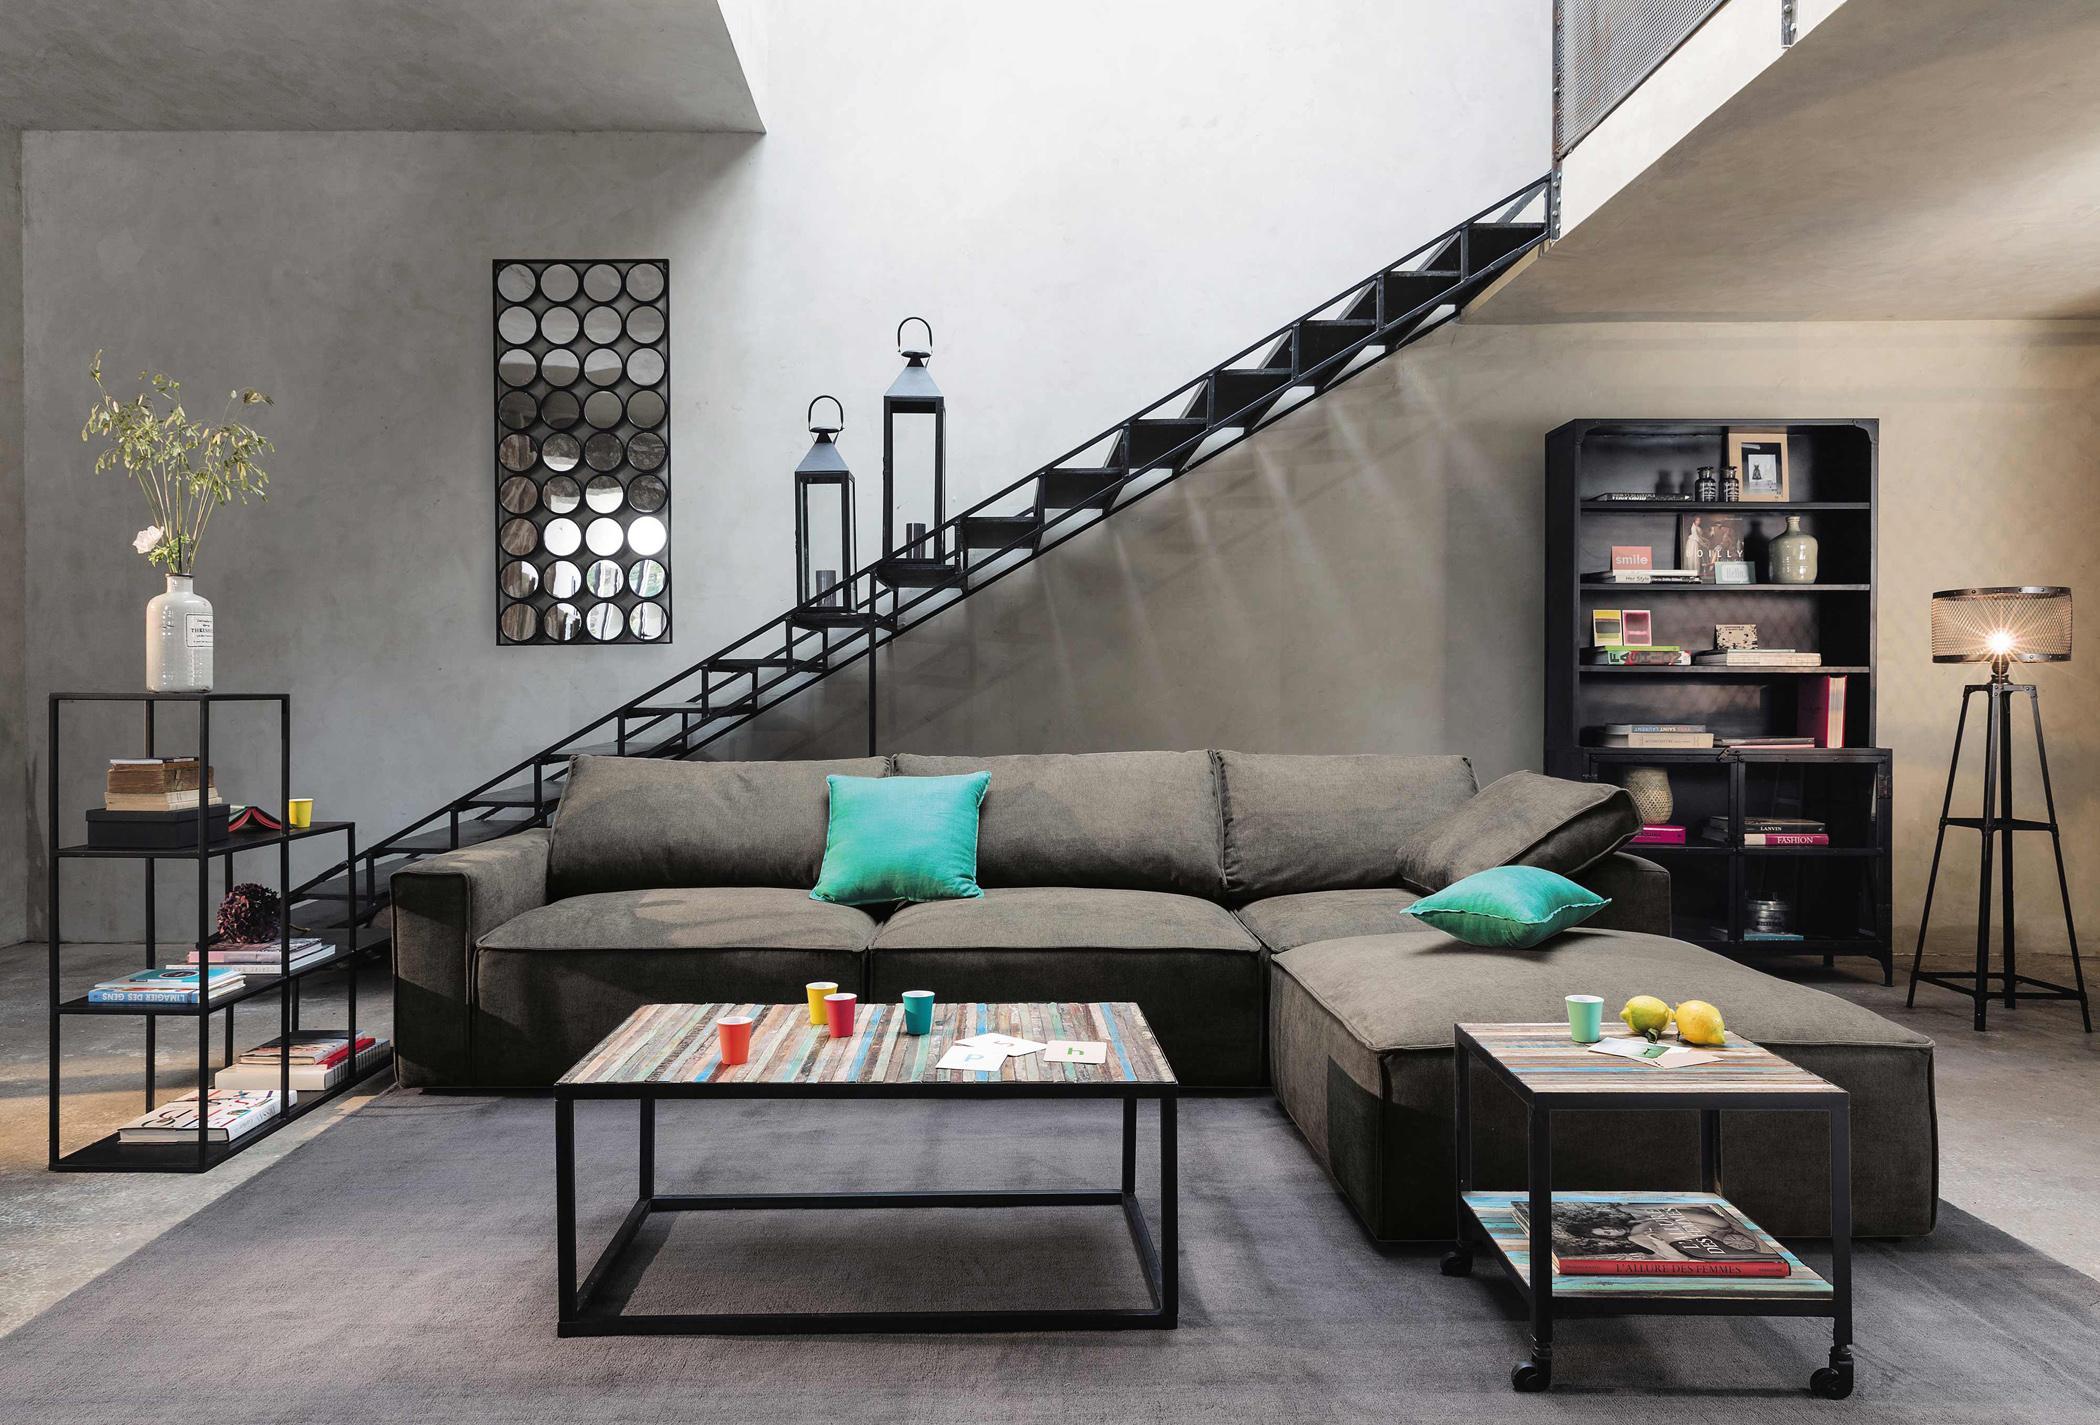 Ottomane u2022 bilder & ideen u2022 couch